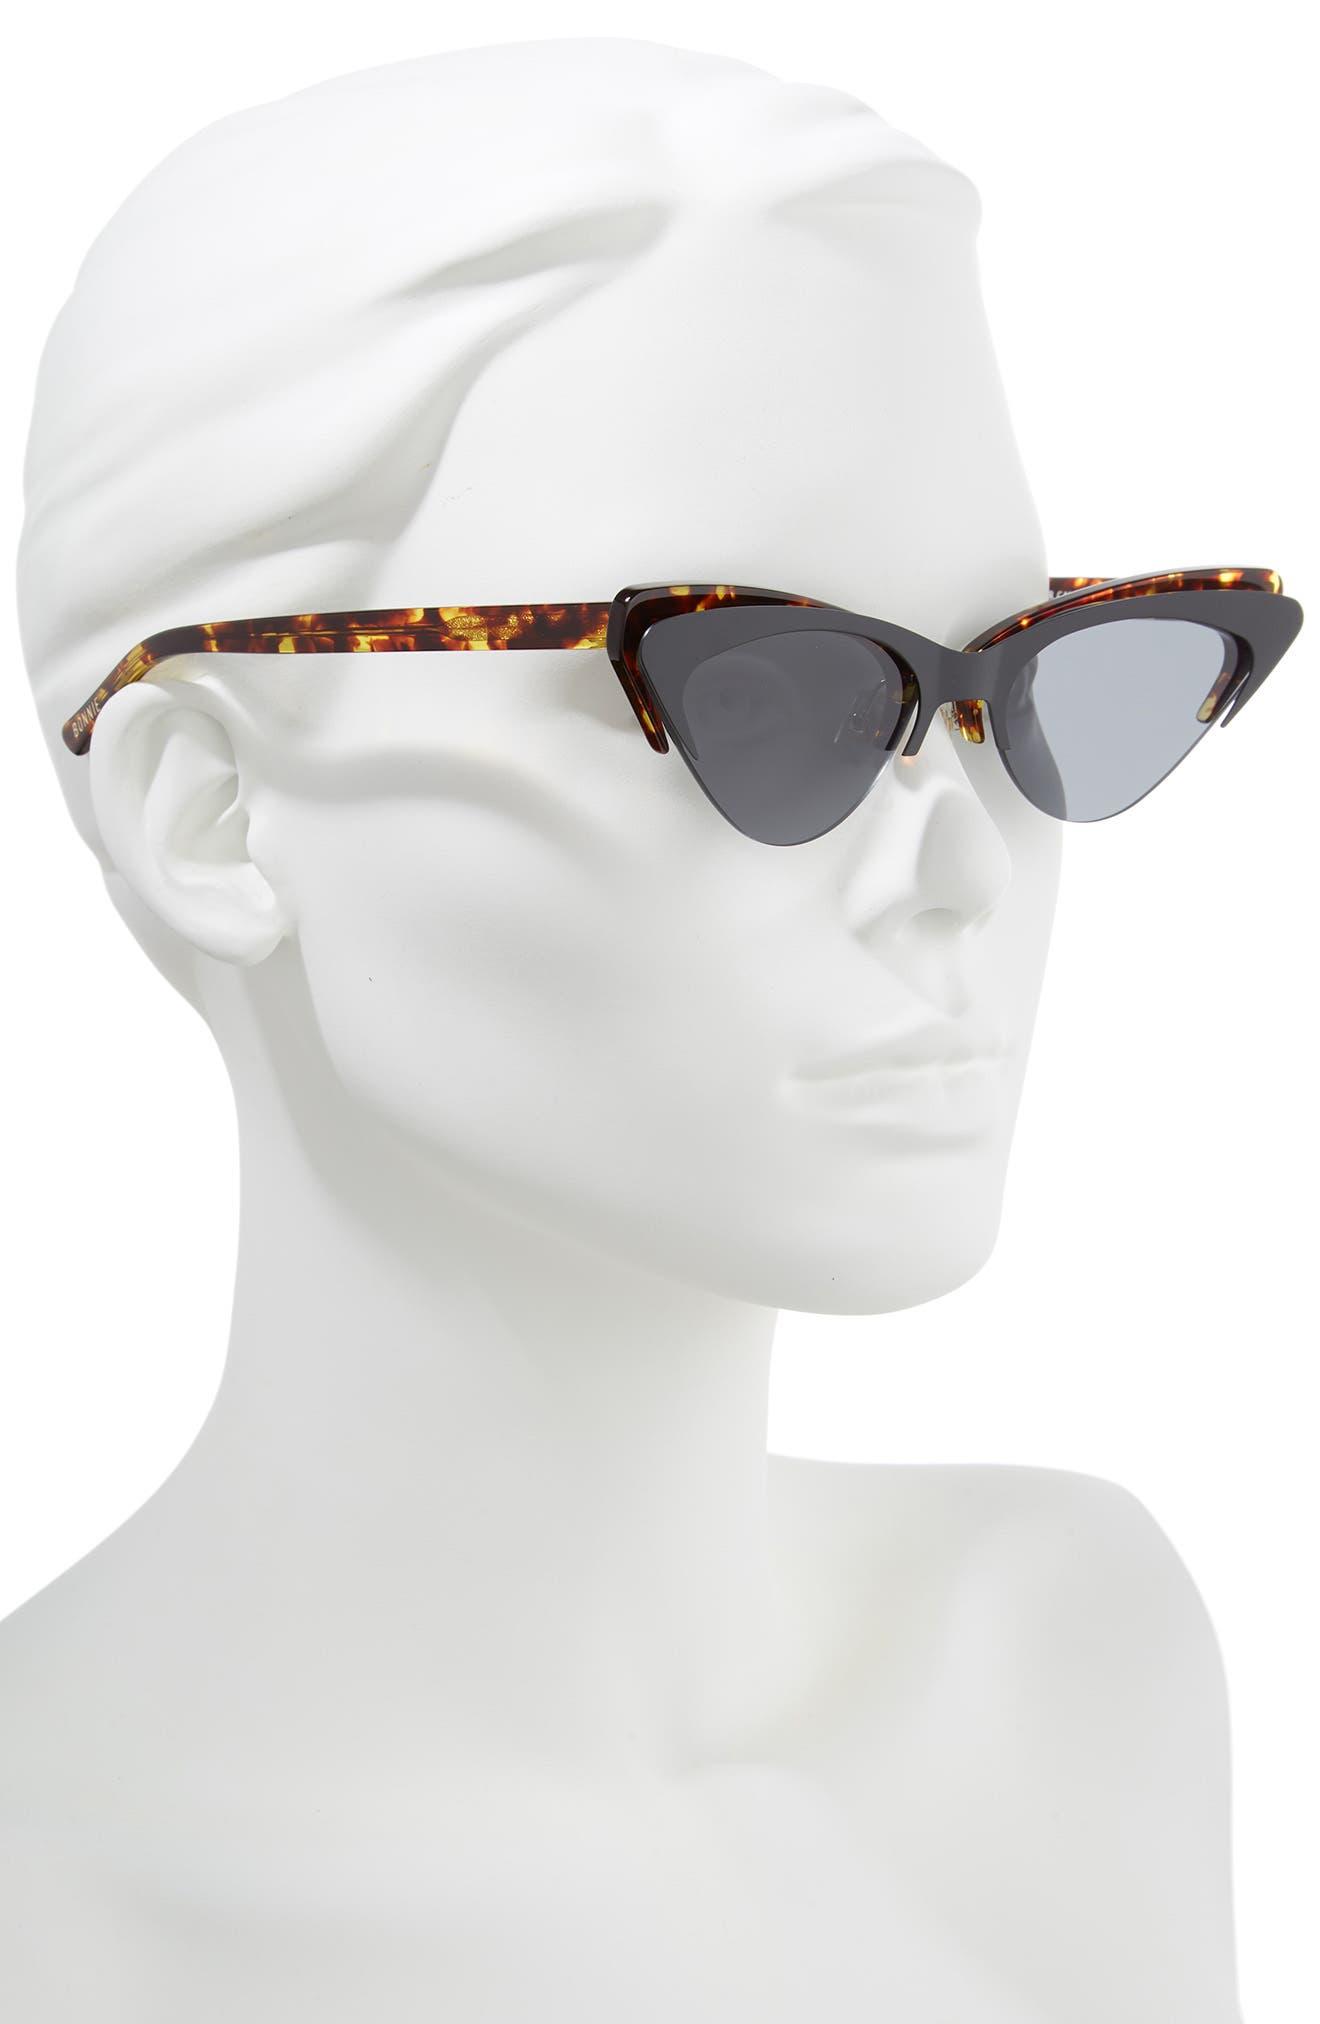 Layer Cake 55mm Cat Eye Sunglasses,                             Alternate thumbnail 2, color,                             TORTOISE/ BLACK